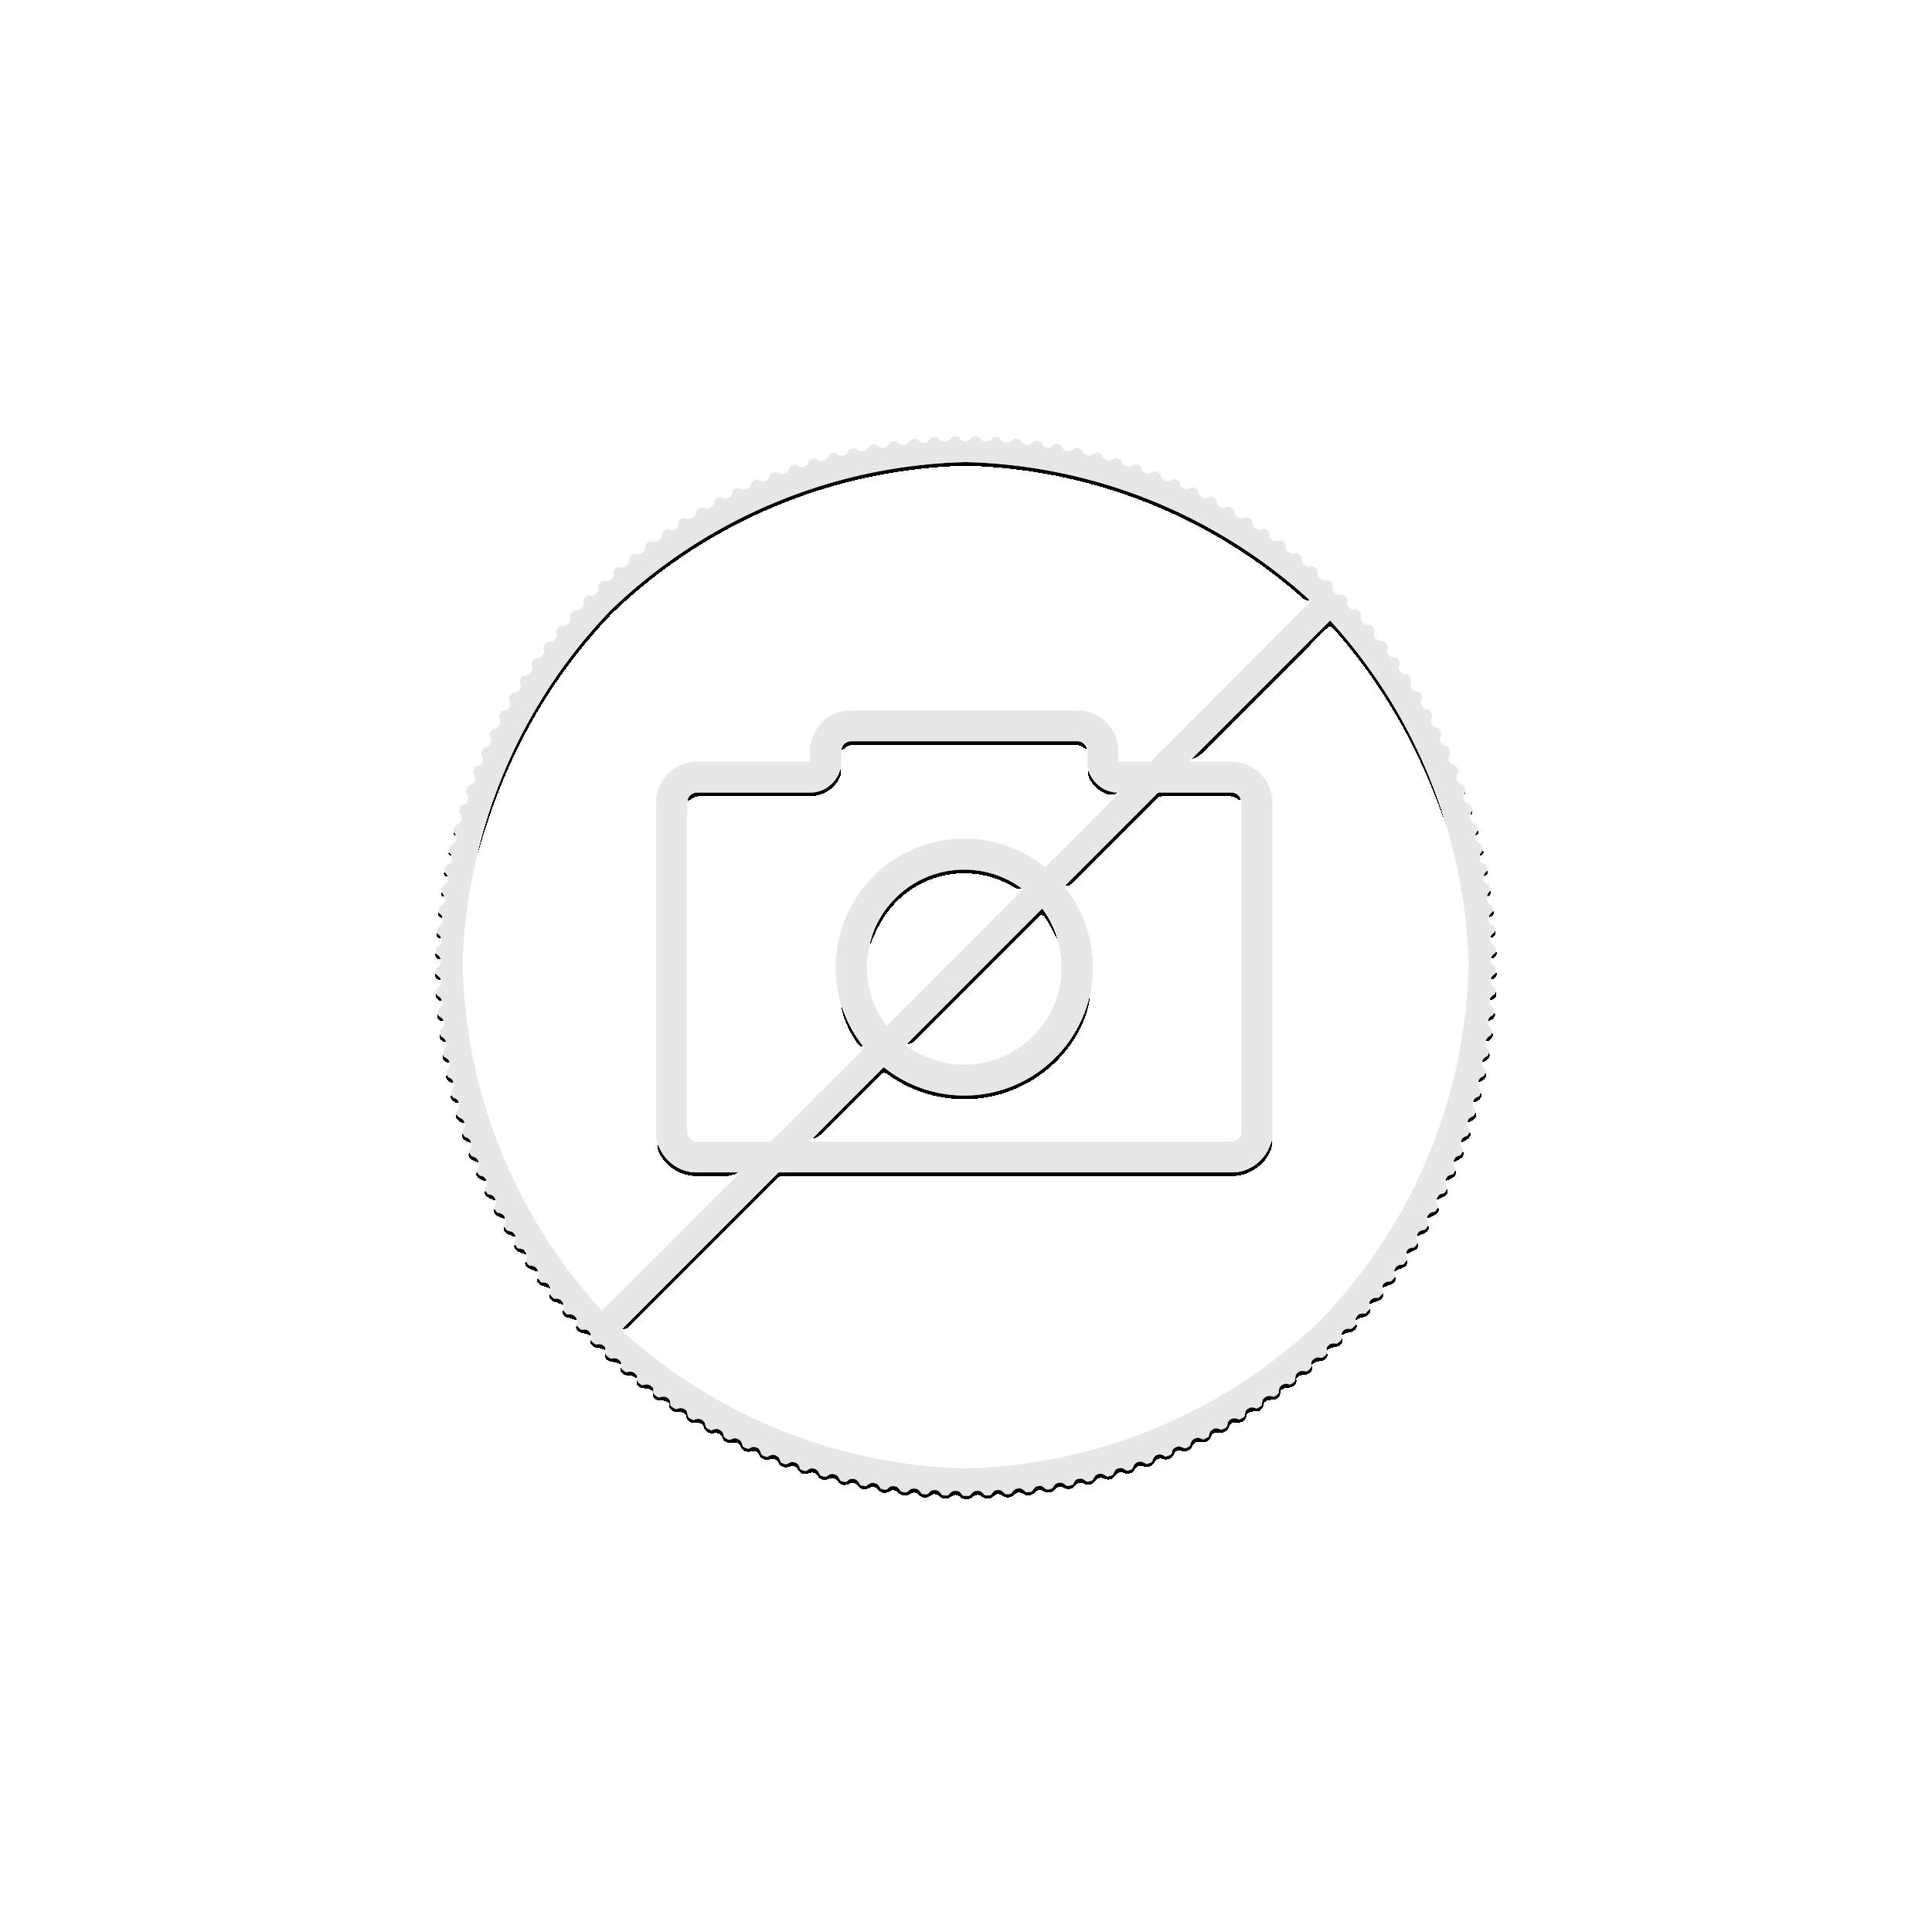 Goudbaar 50 gram Umicore met certificaat